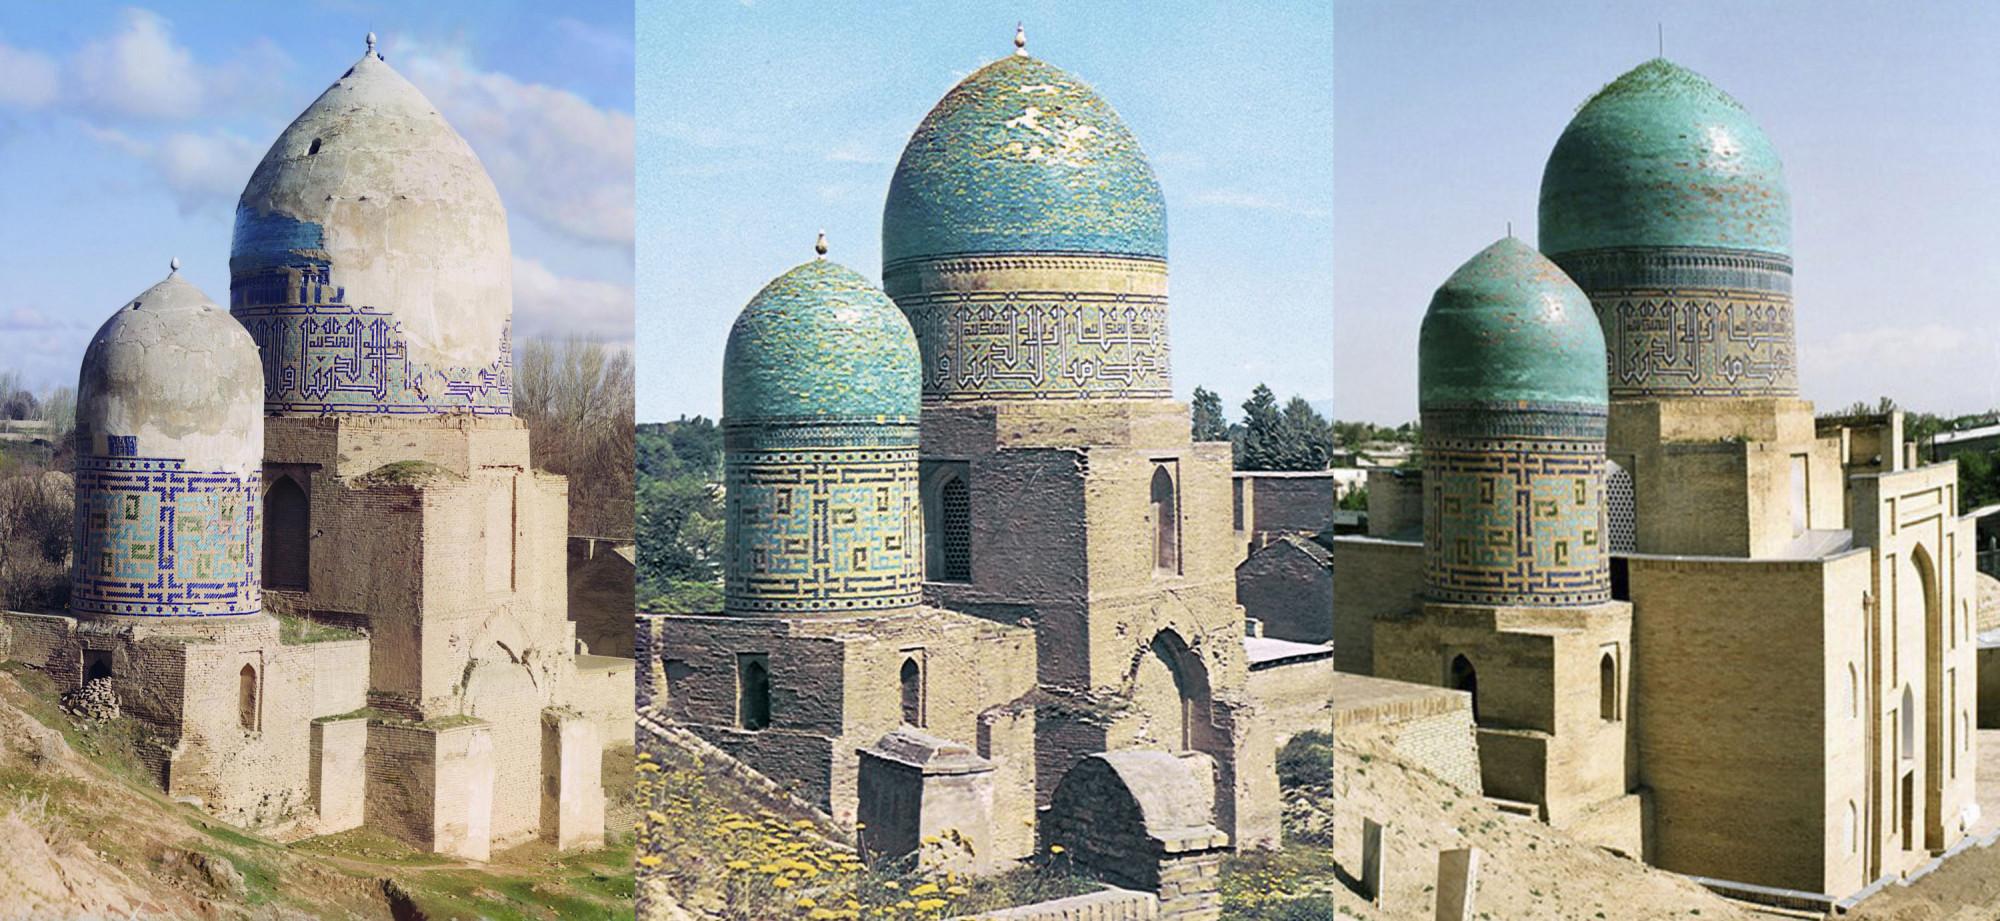 Ансамбль Шахи Зинда. Купола 1911-1970е-2006 гг2